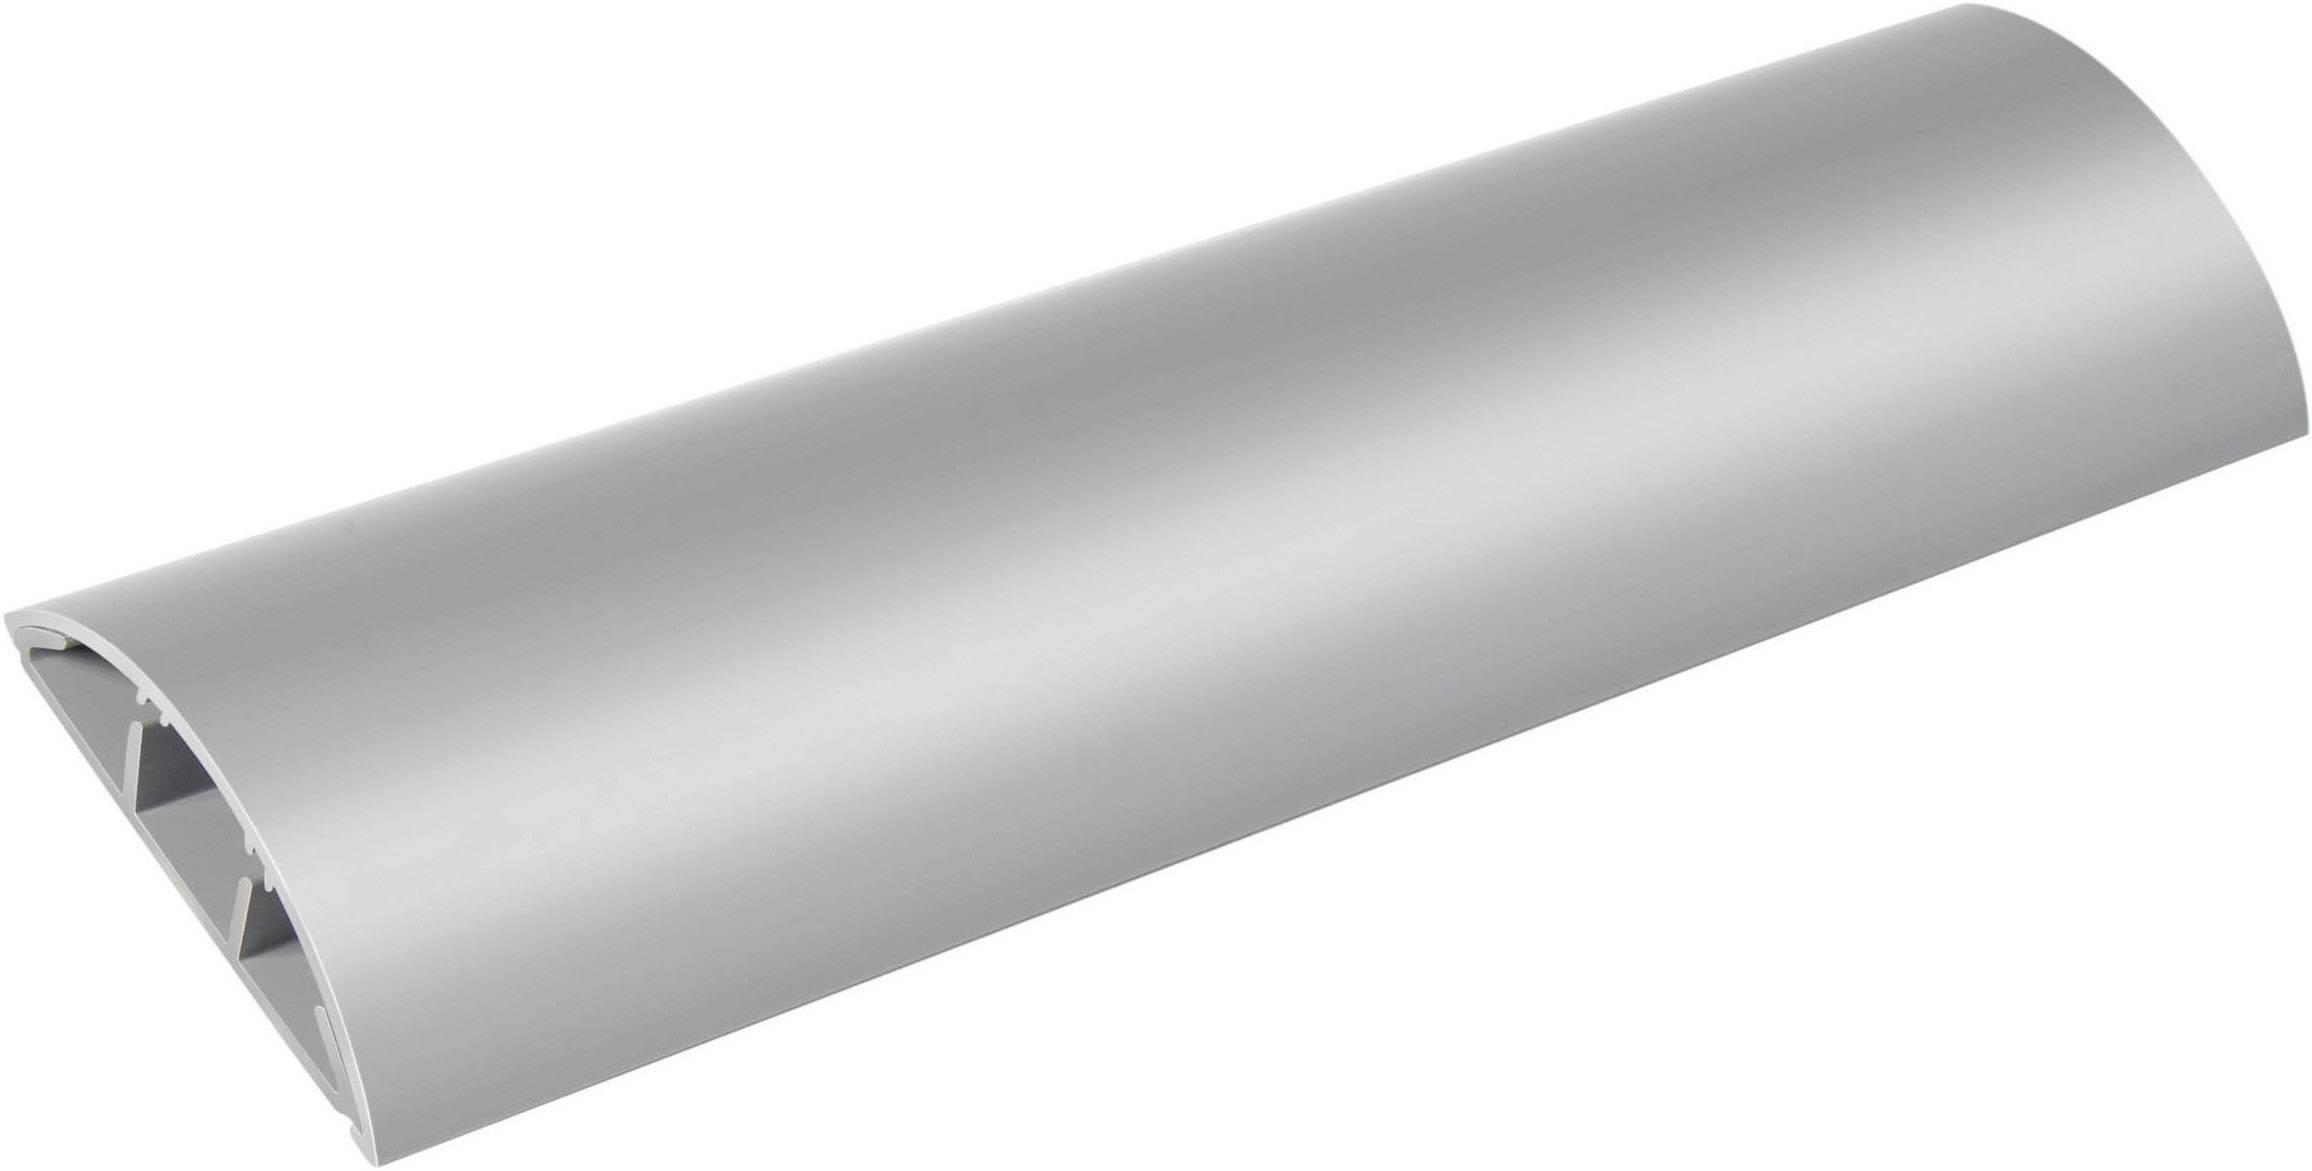 Brennenstuhl 1160650, 1 ks, sivá